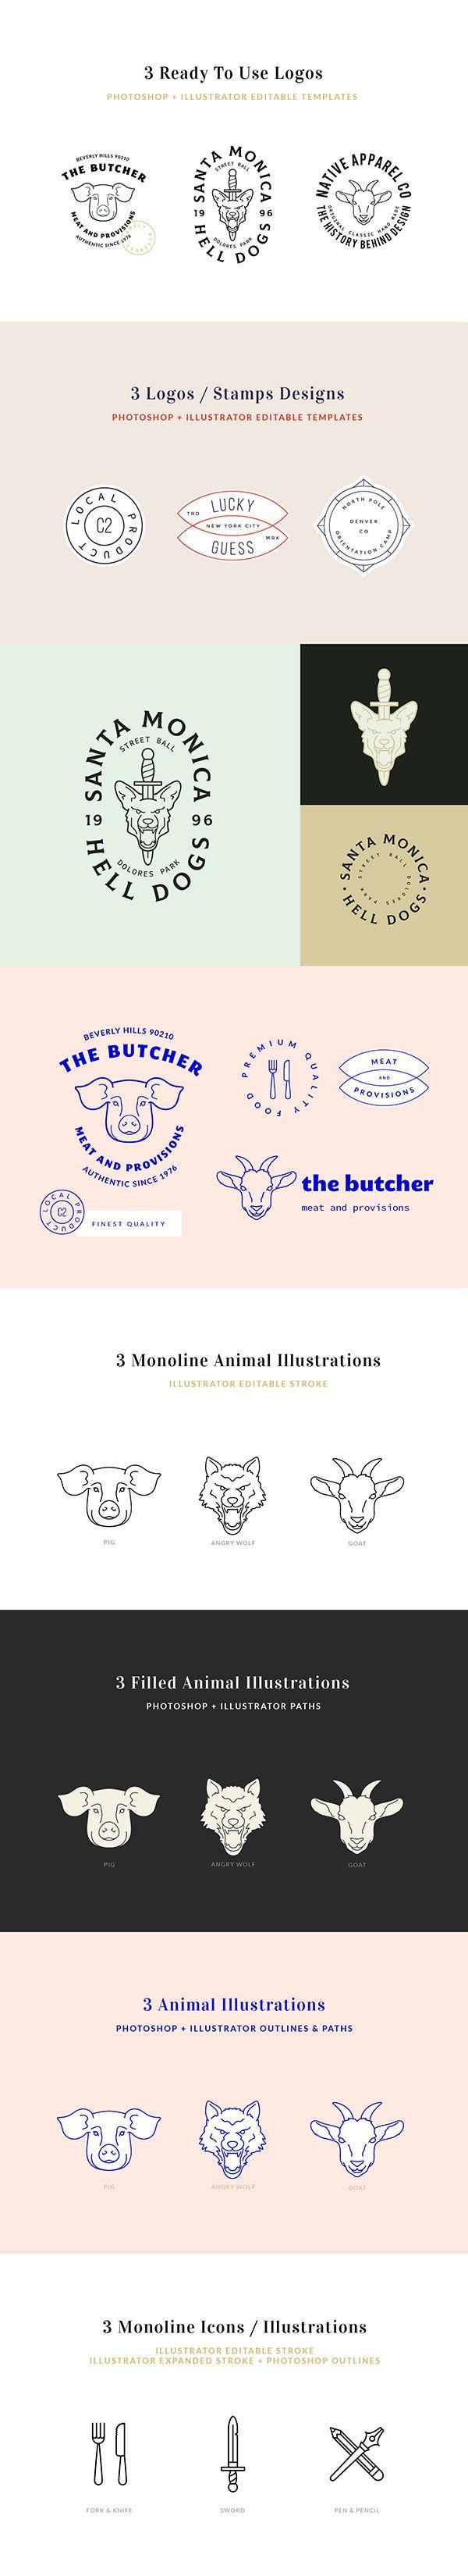 The Logo Kit – Free Sample